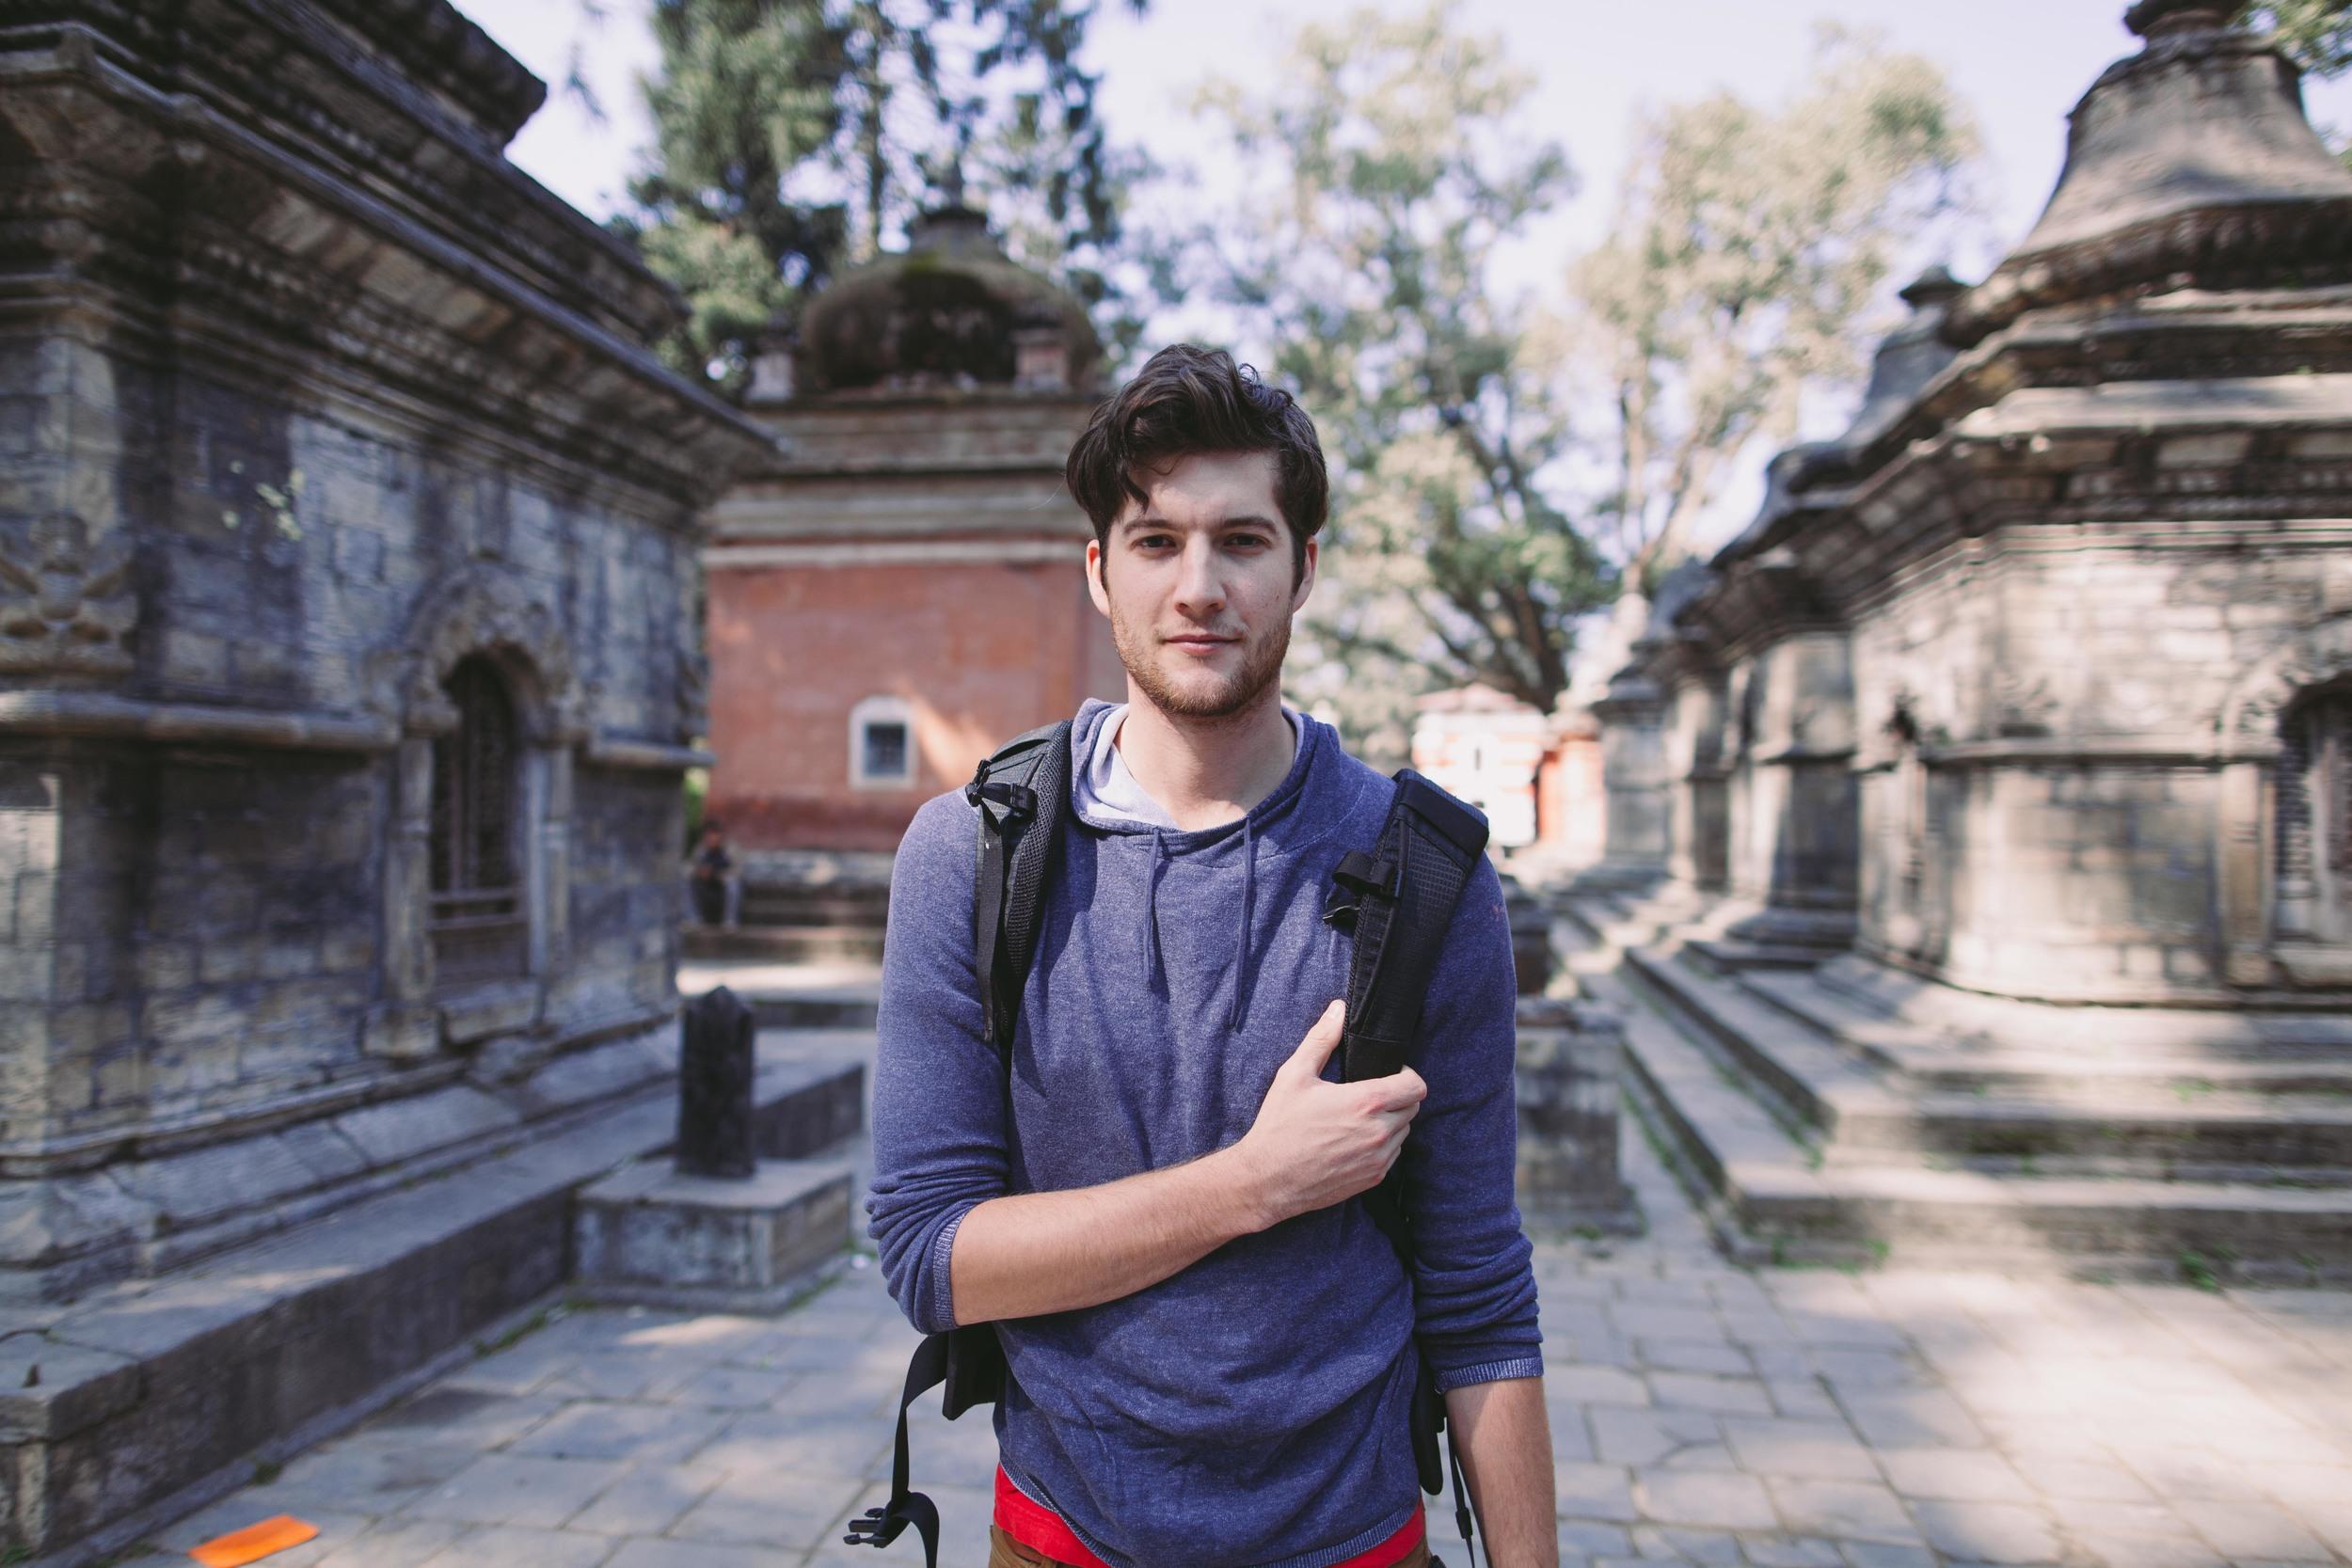 Nepal_110613-92.jpg